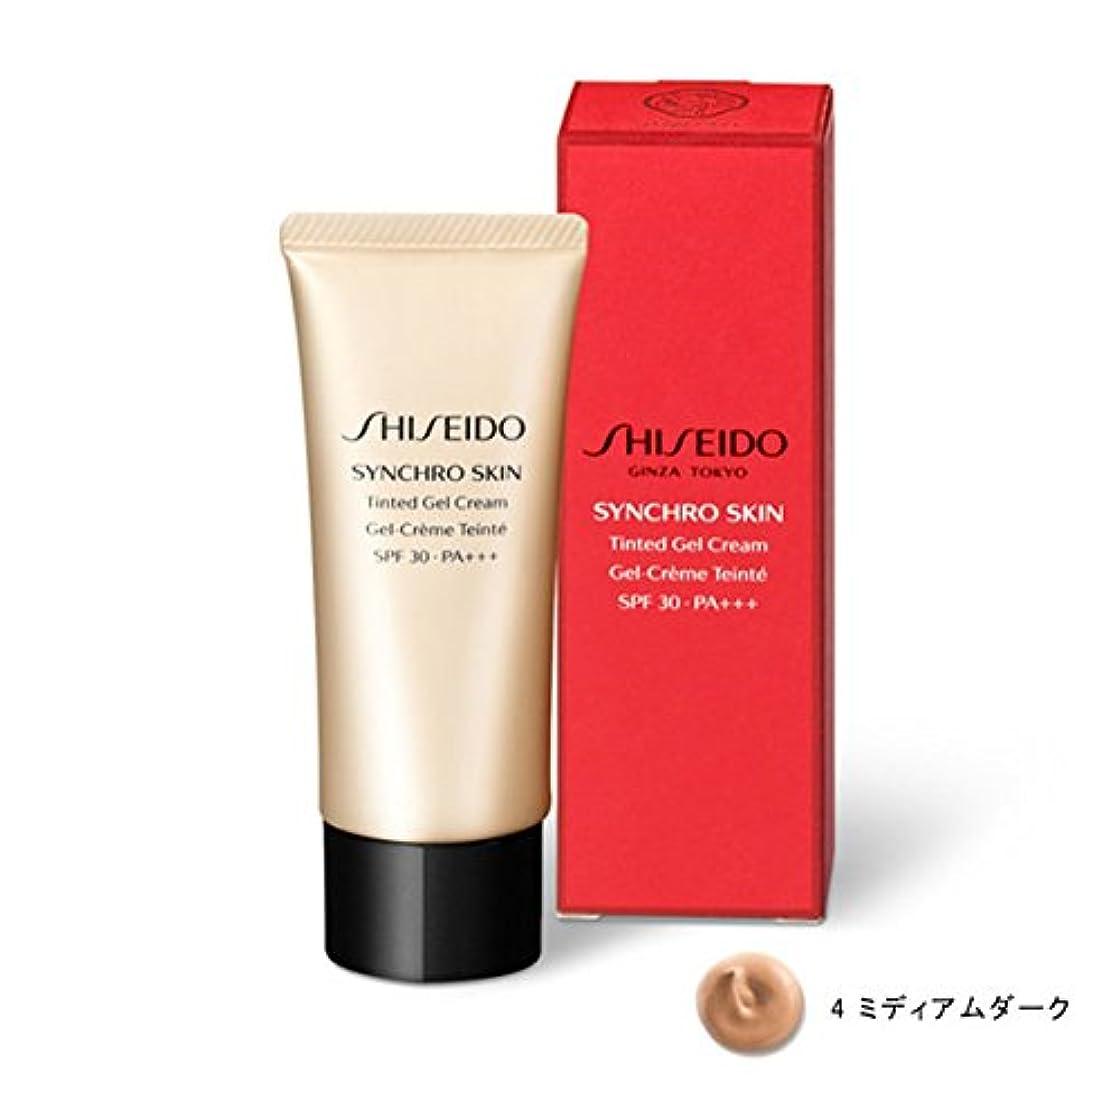 どのくらいの頻度でカバー宇宙飛行士SHISEIDO Makeup(資生堂 メーキャップ) SHISEIDO(資生堂) シンクロスキン ティンティッド ジェルクリーム (4 ミディアムダーク)